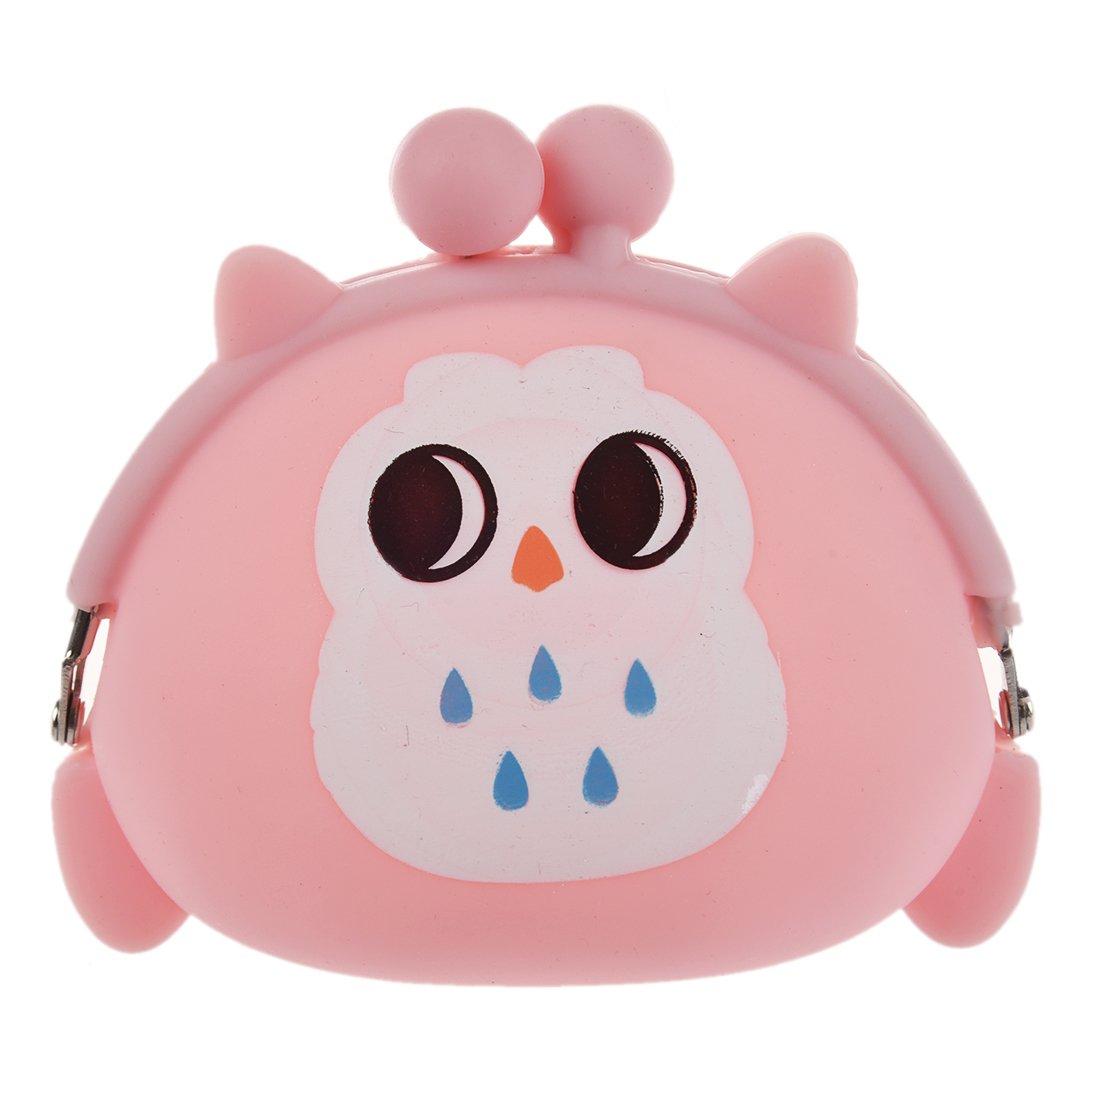 Ruikey portable mignon Cartoon hibou Silicone gelée rose porte-monnaie pochette clés poche pour pièce de monnaie, téléphone, cosmétique, et plus